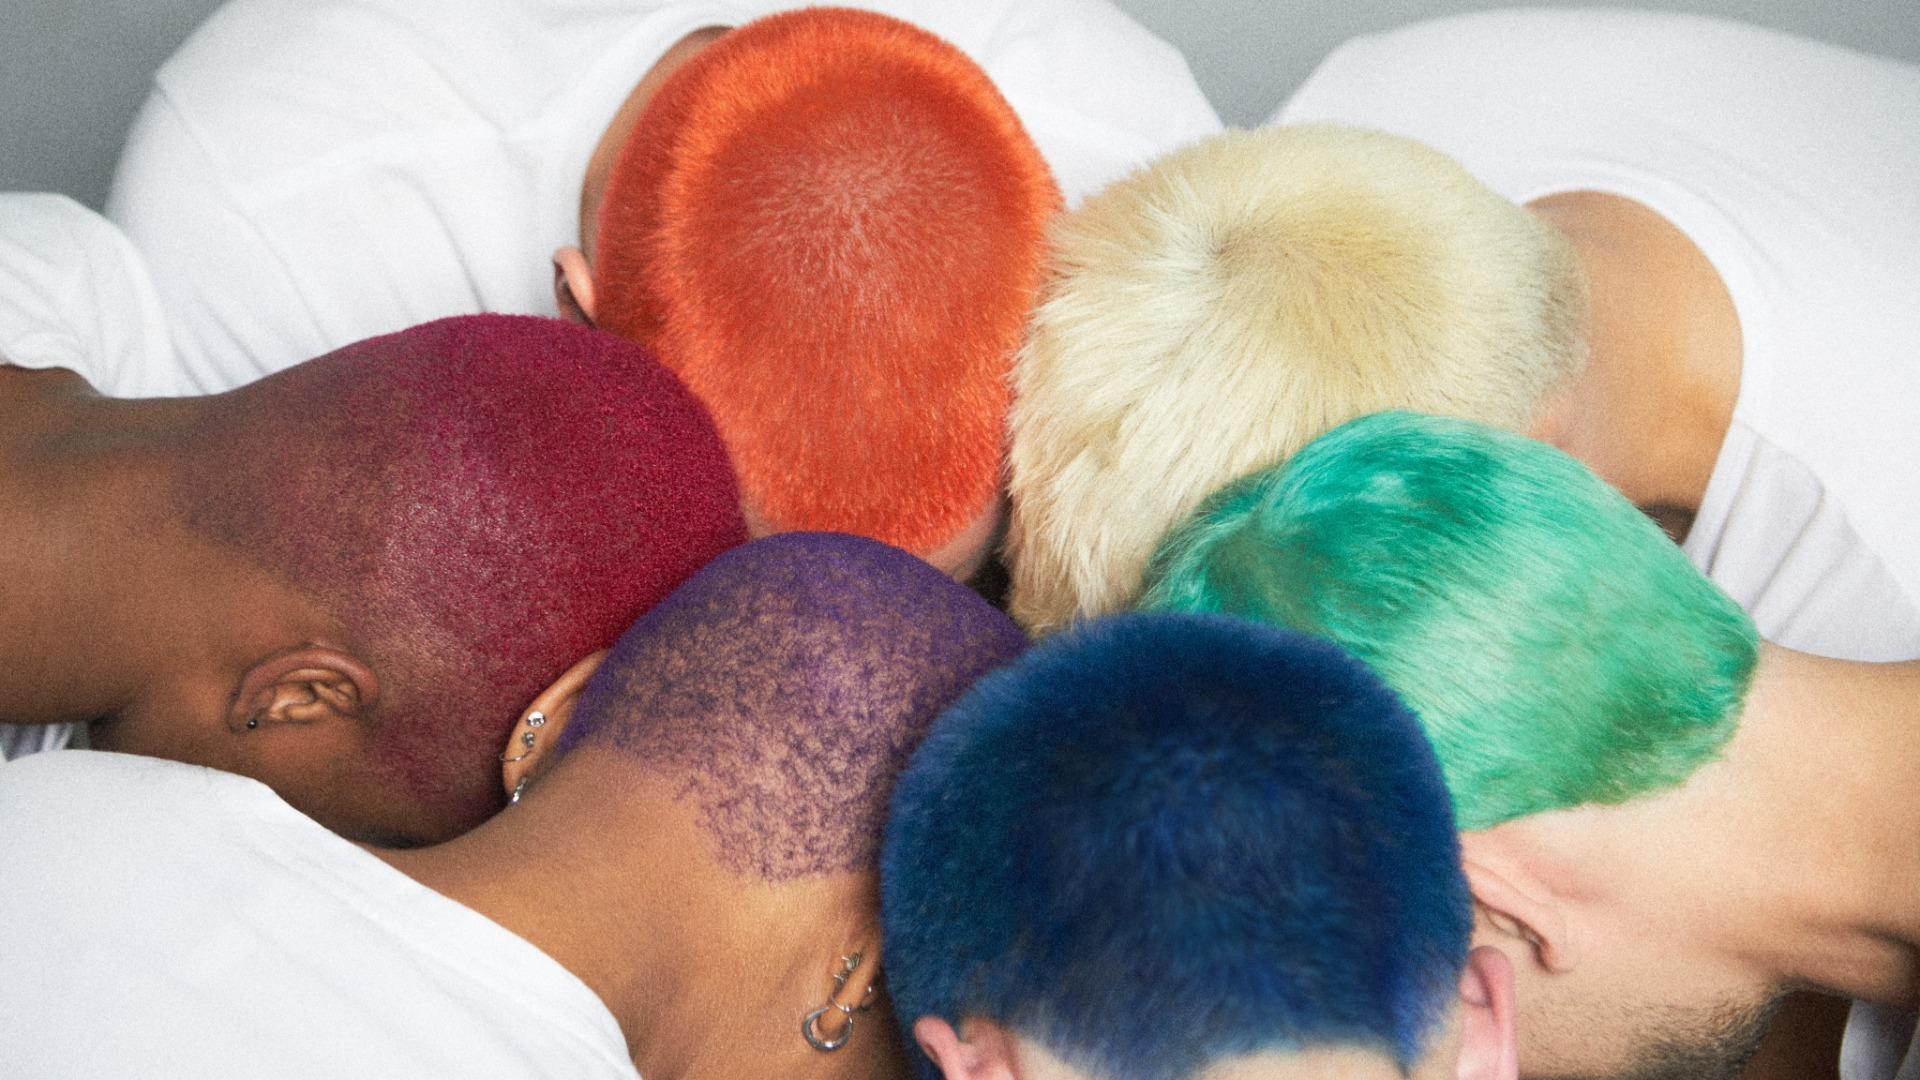 英式理髮廳SCULPTOR BARBER推出六彩髮色新形像照,邀請大家一起驕傲地展現自己!